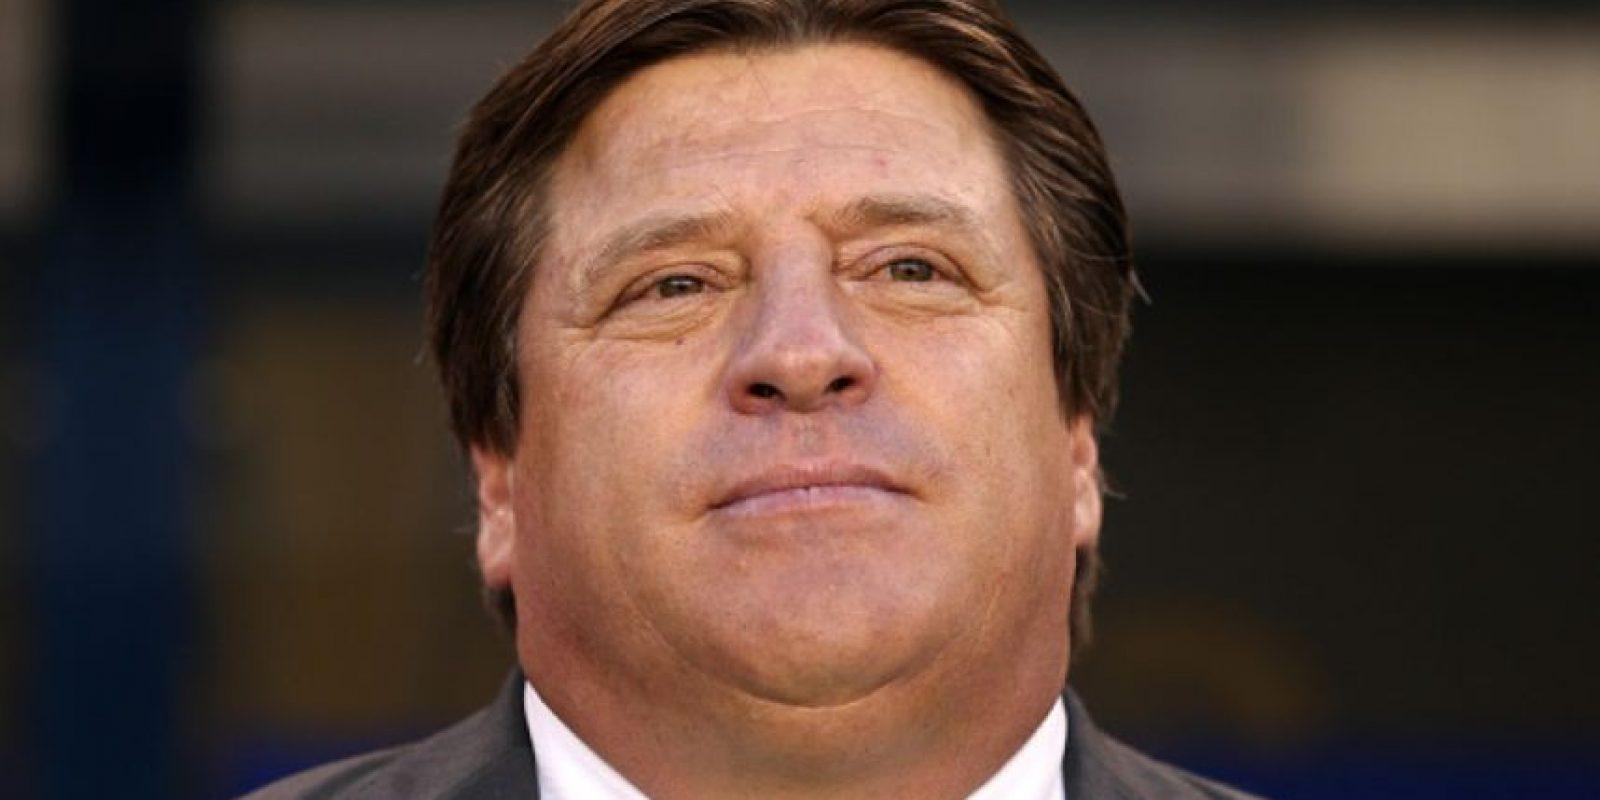 Herrera expresó su desasiego por abandonar su puesto en un comunicado en el que también expresó disculpas. Foto:vía Getty Images